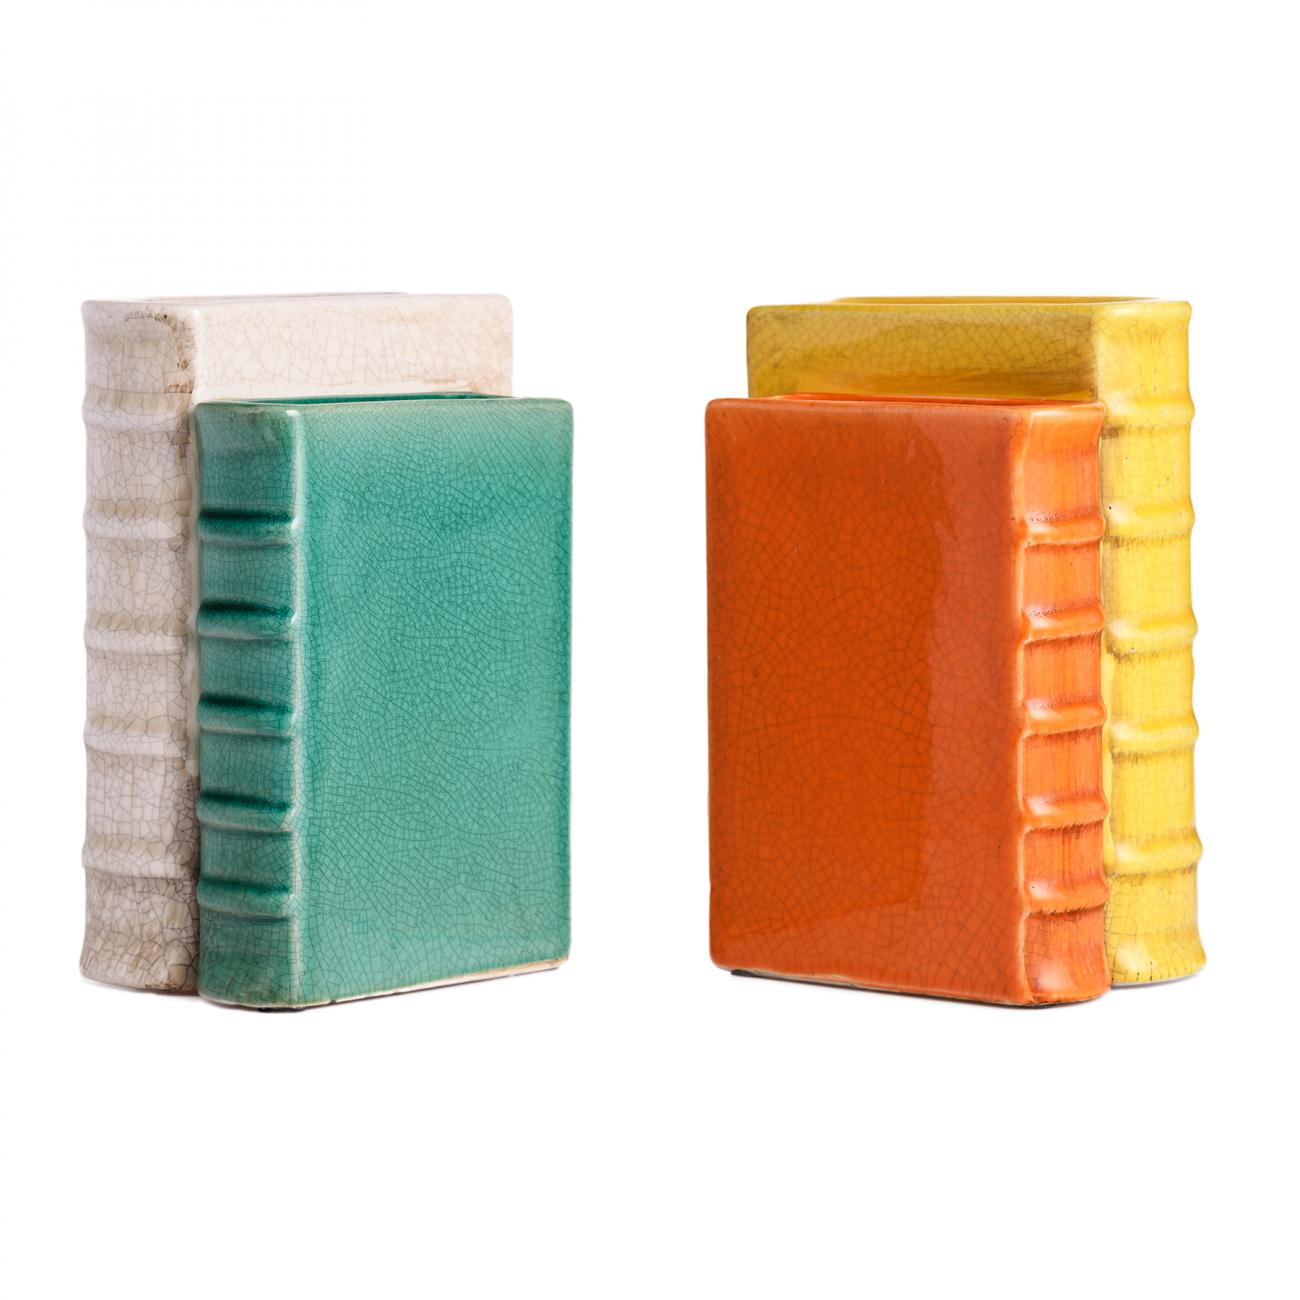 Купить Набор держателей для книг с вазами для цветов Corde Puerto в интернет магазине дизайнерской мебели и аксессуаров для дома и дачи